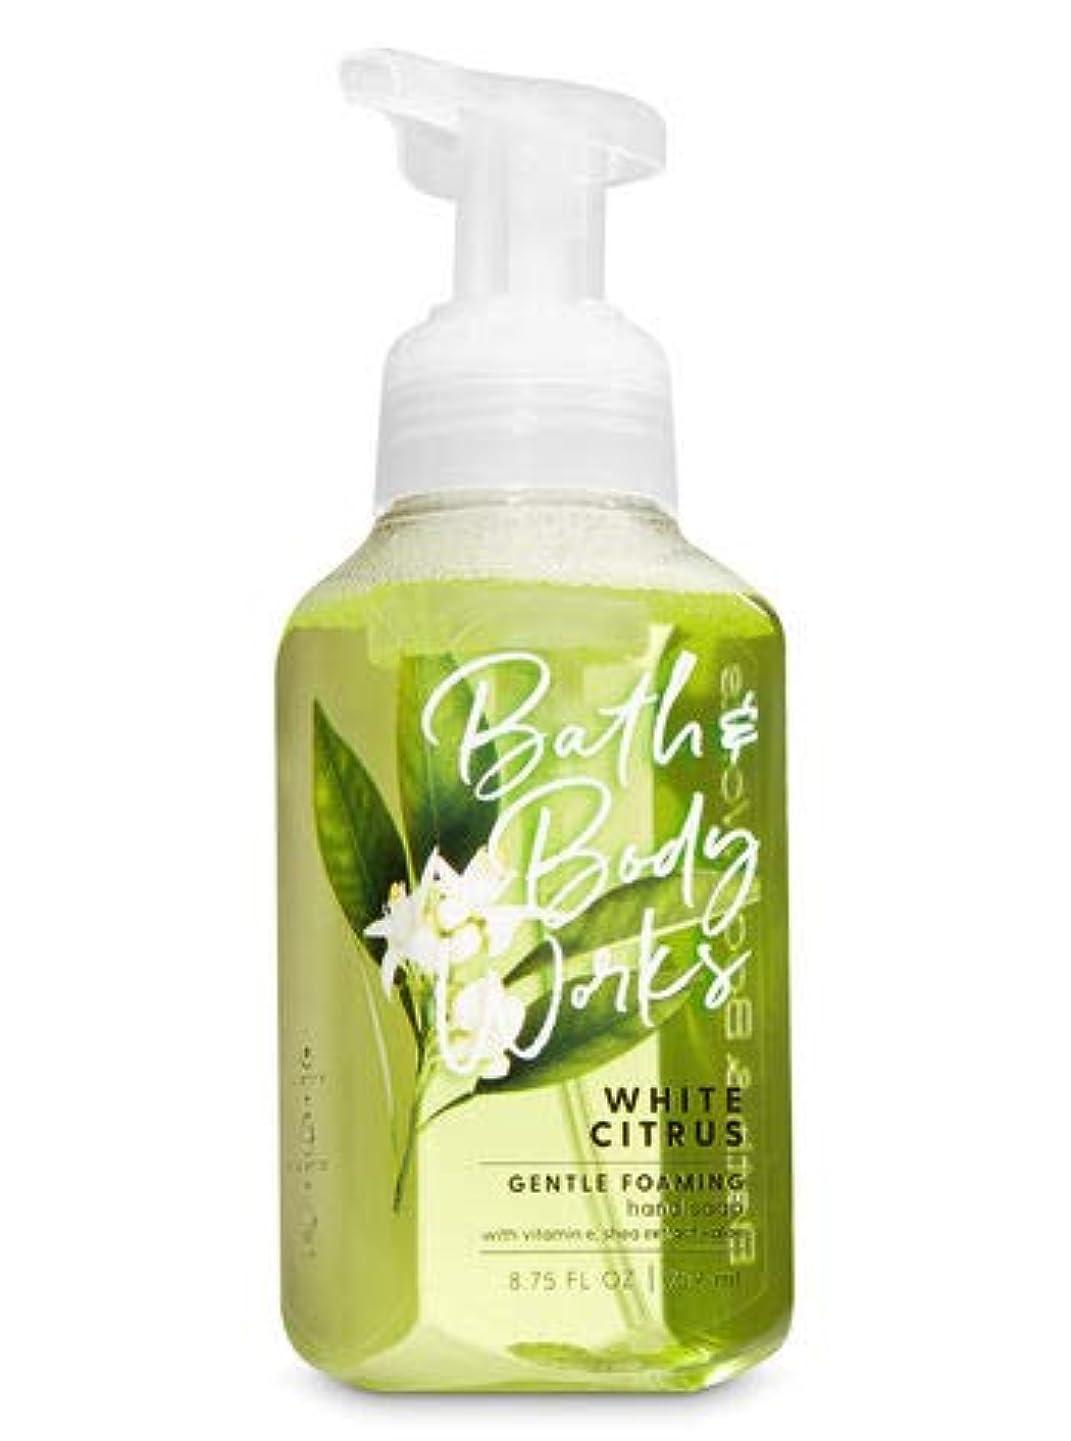 集計で西バス&ボディワークス ホワイトシトラス ジェントル フォーミング ハンドソープ White Citrus Gentle Foaming Hand Soap